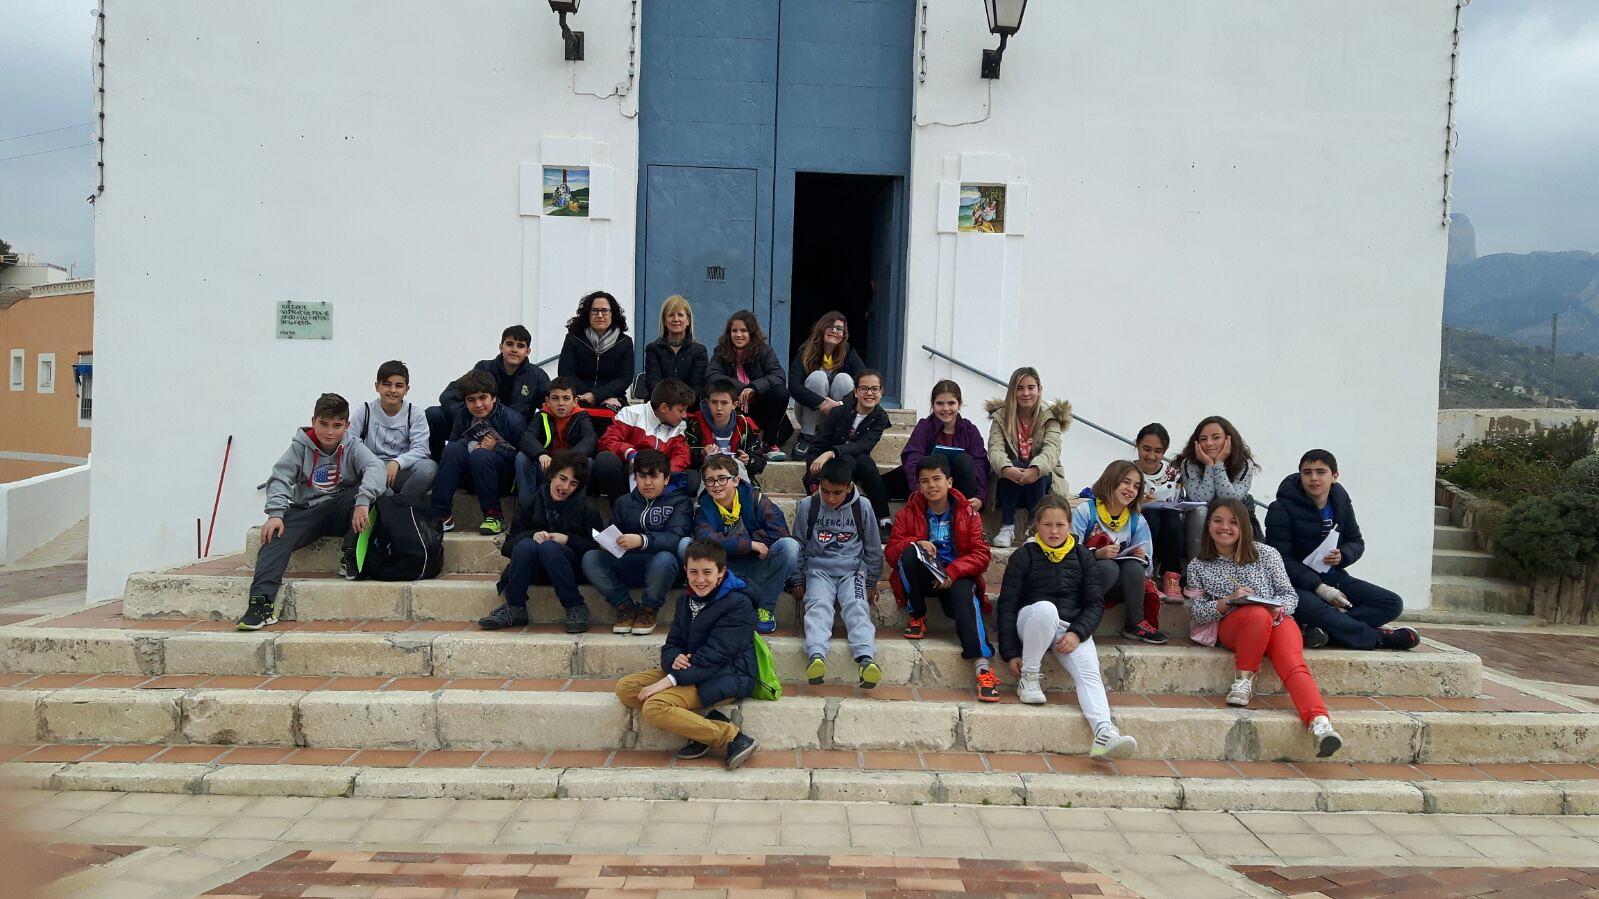 (2016-03-18) - aVisita ermita alumnos Pilar, profesora religión 9´Octubre - María Isabel Berenguer Brotons (04)